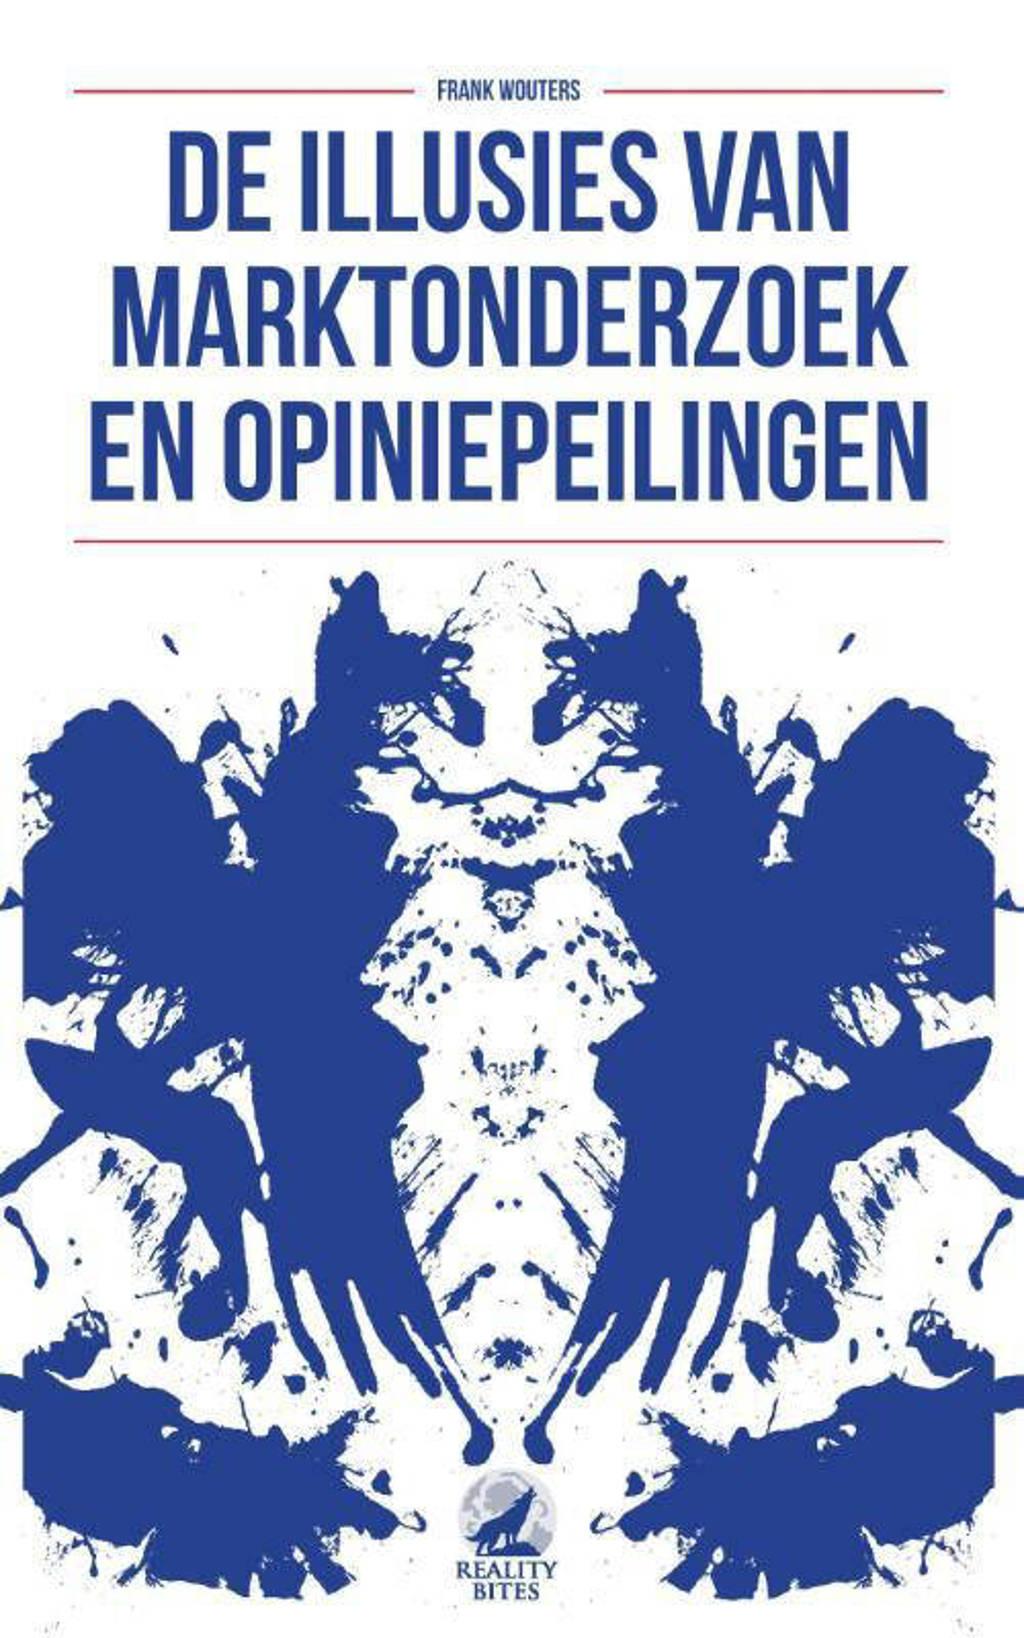 De illusies van marktonderzoek en opiniepeilingen - Frank Wouters